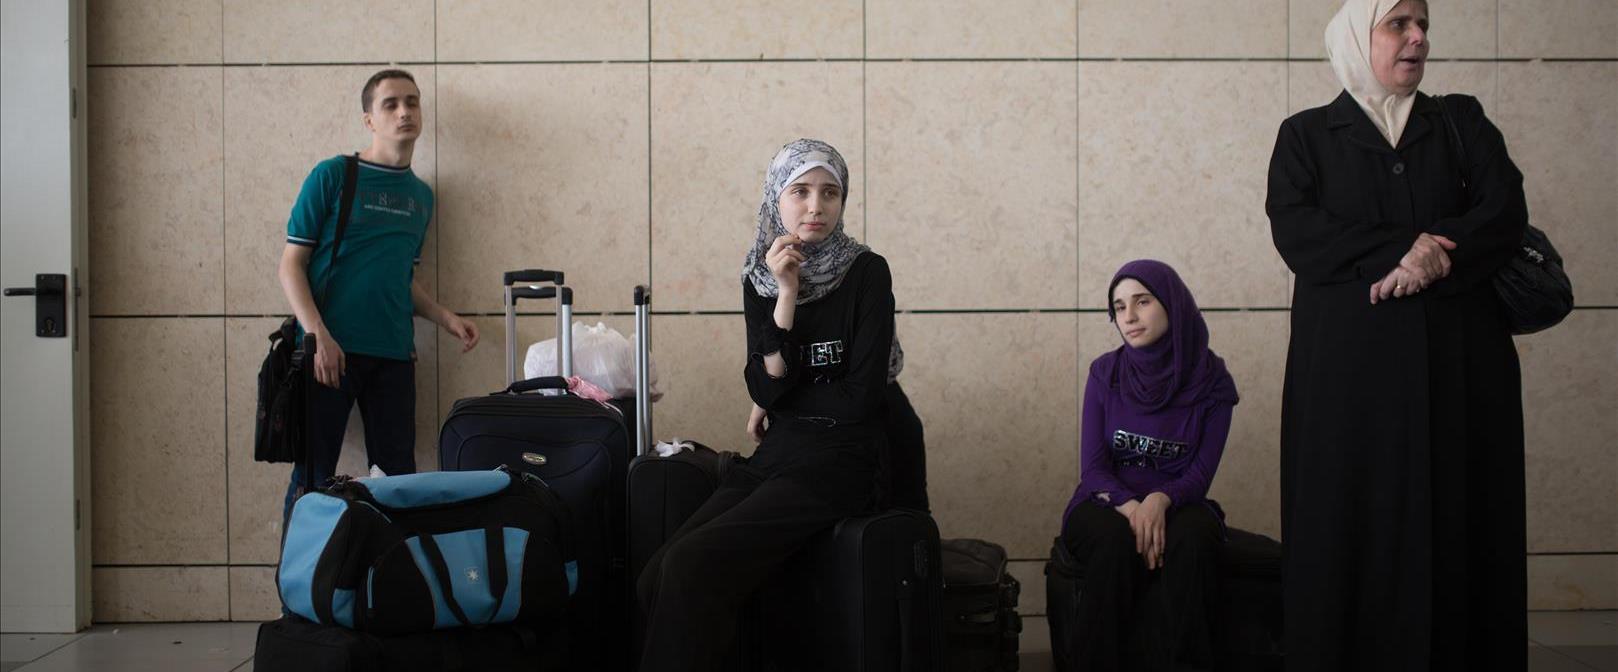 פלסטינים ממתינים במעבר ארז